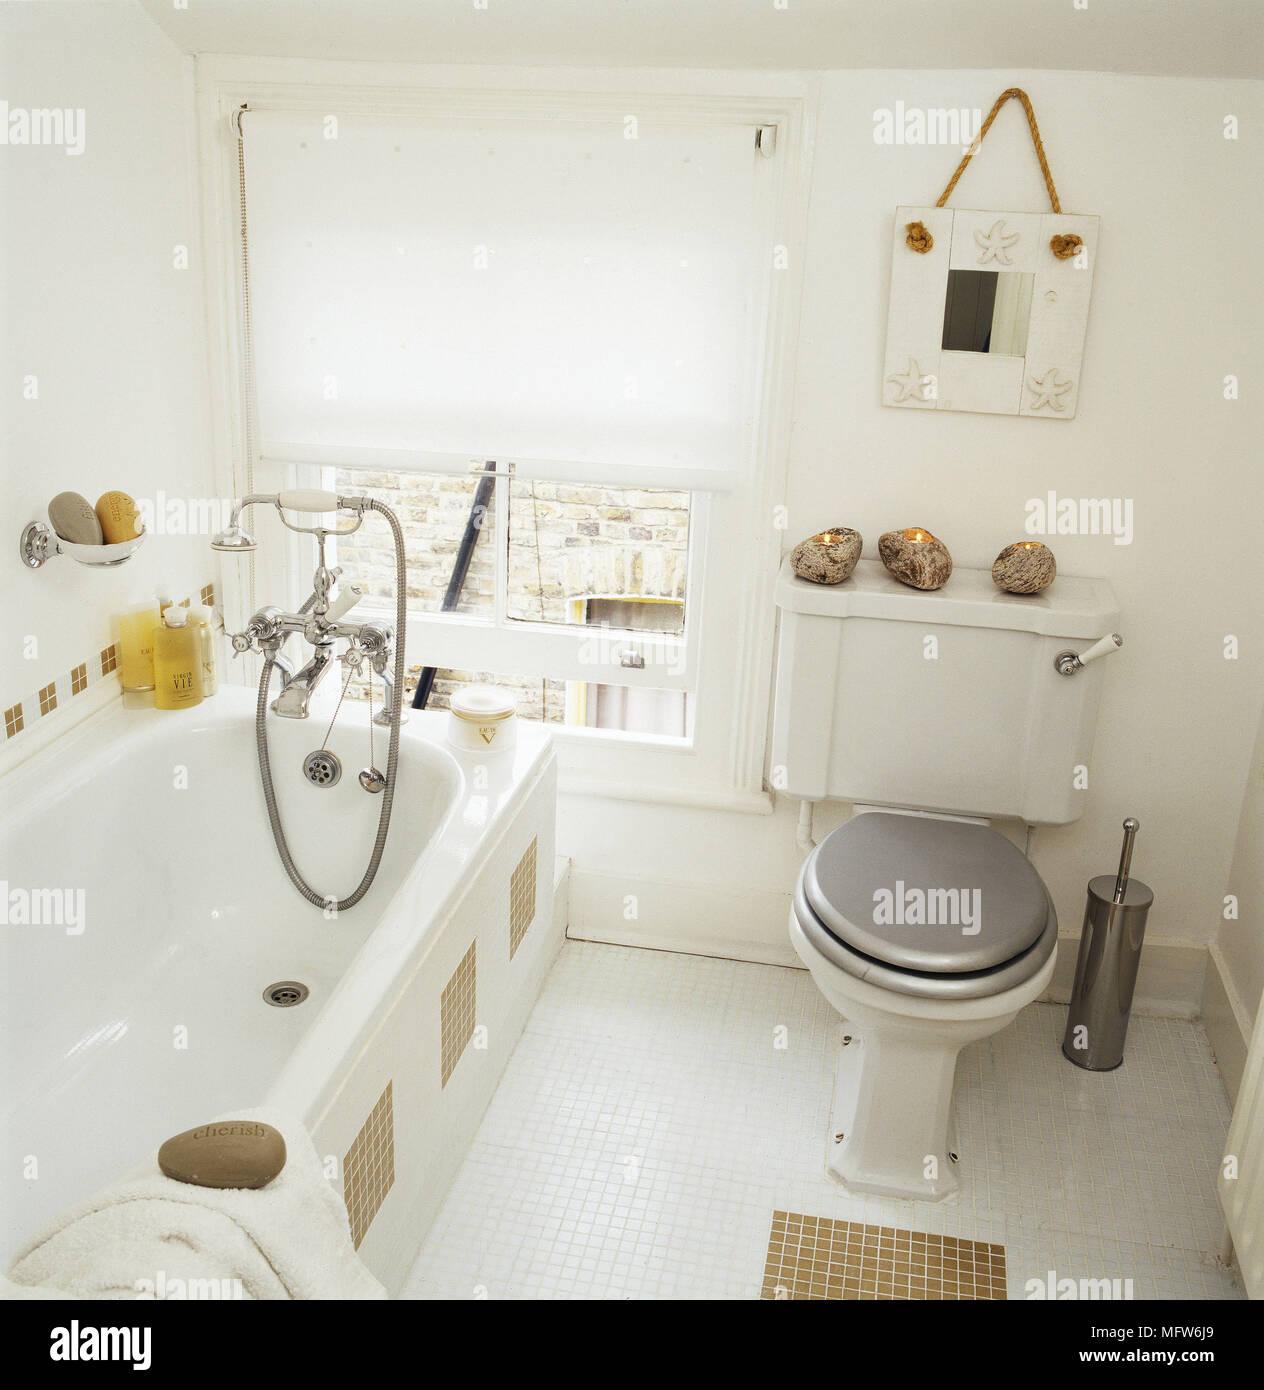 Piastrelle A Mosaico Per Bagno elevato angolo di visione di un moderno bagno con piastrelle